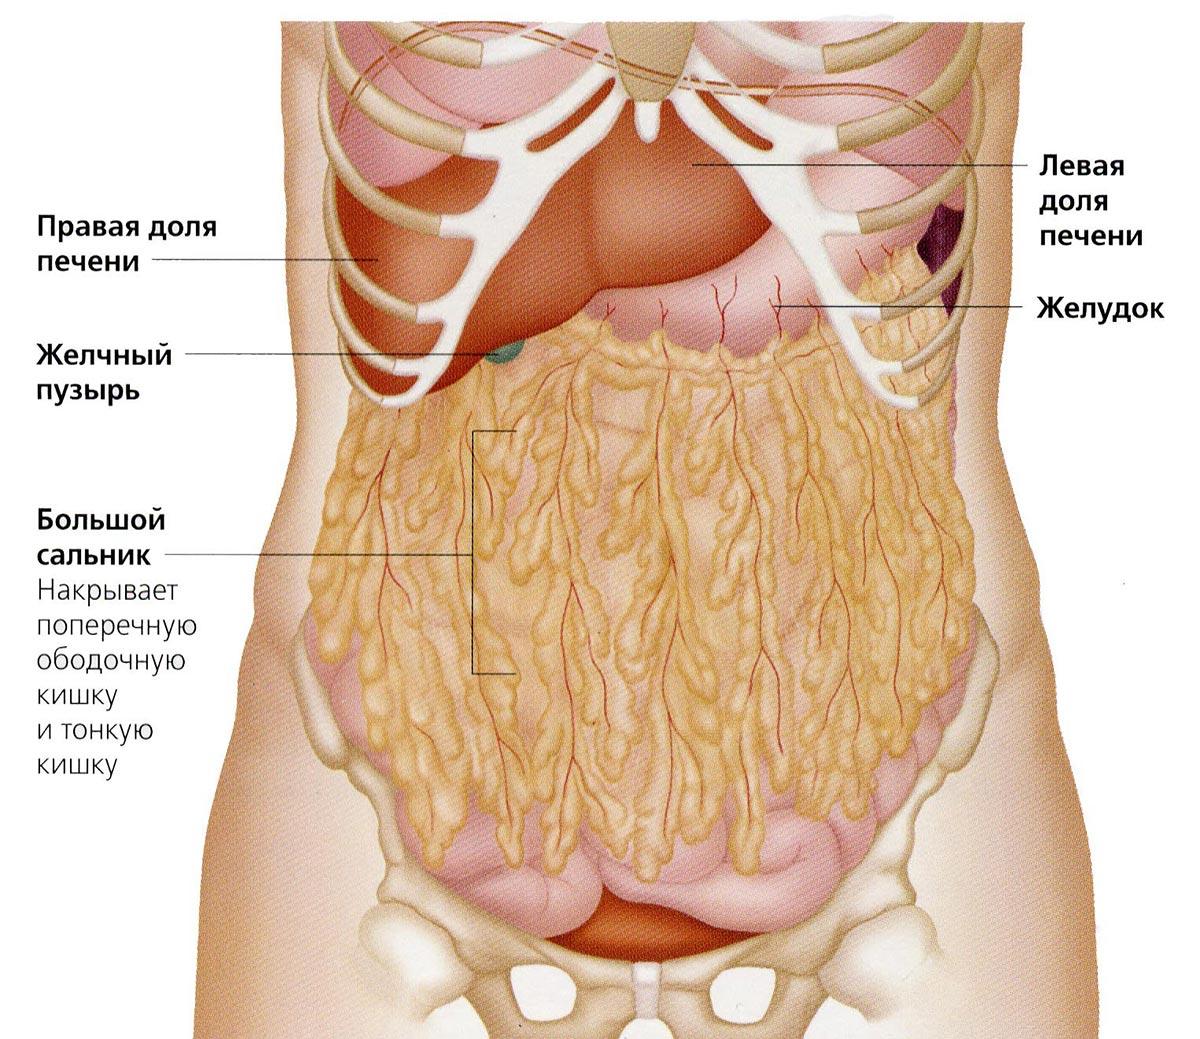 как избавиться от холестерина в сосудах